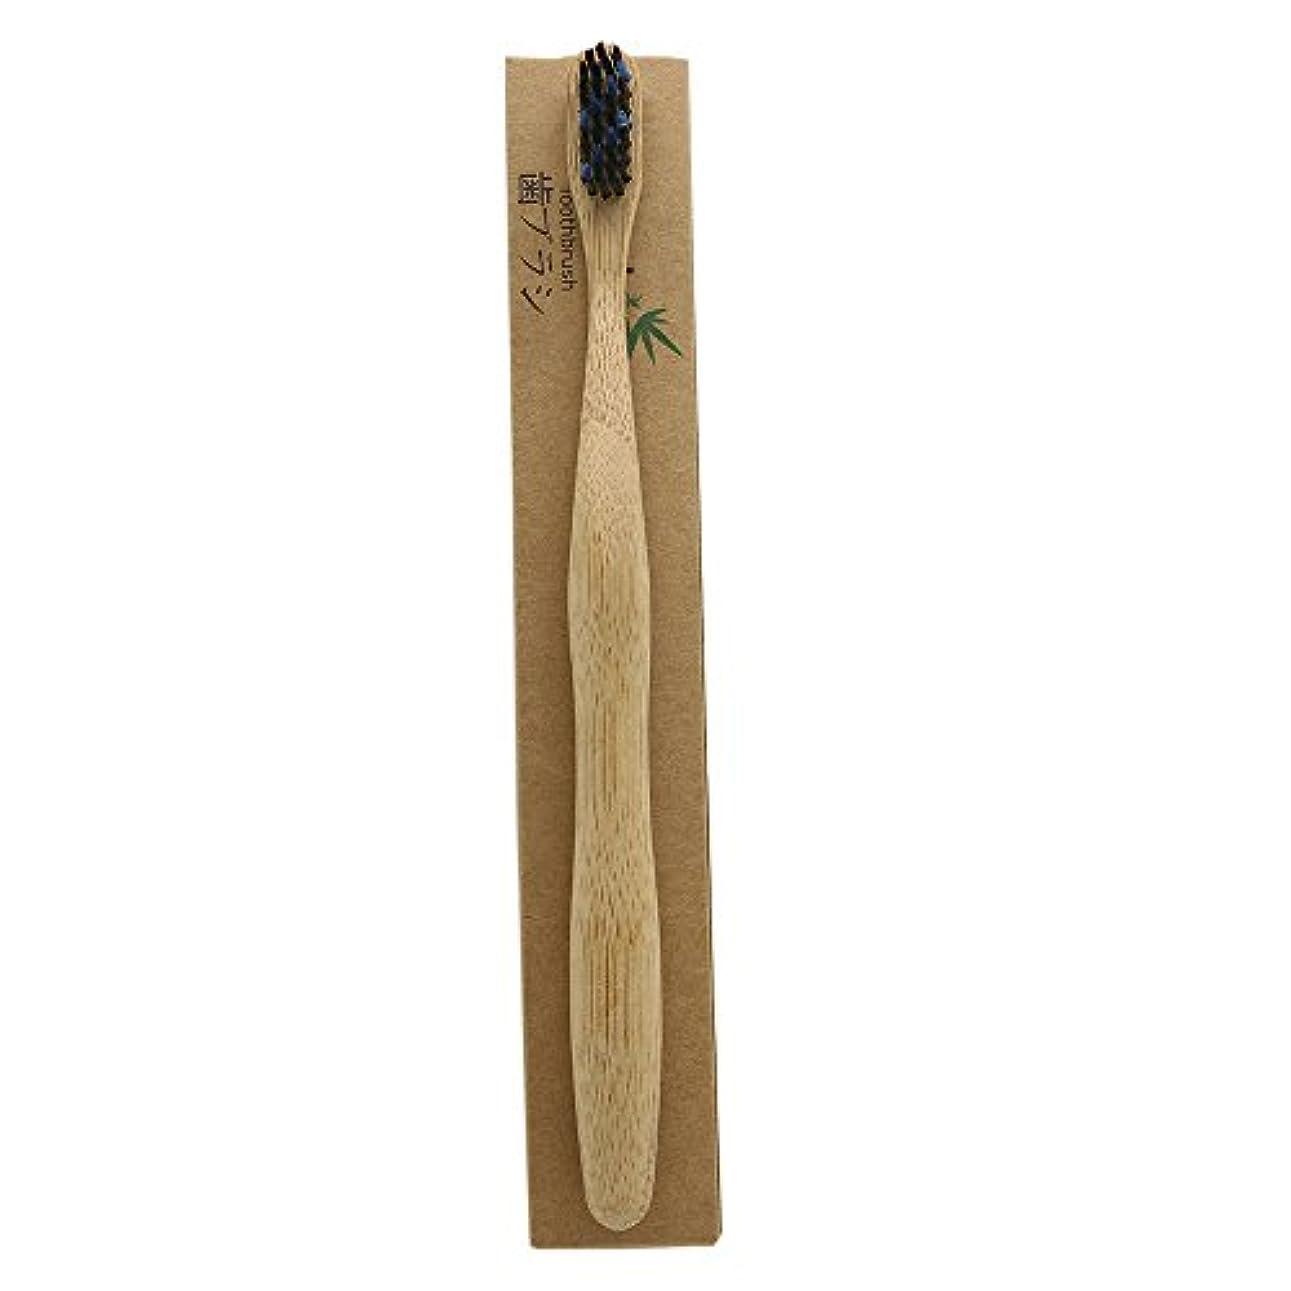 競合他社選手一摂動N-amboo 竹製耐久度高い 歯ブラシ 黒いと青い 1本